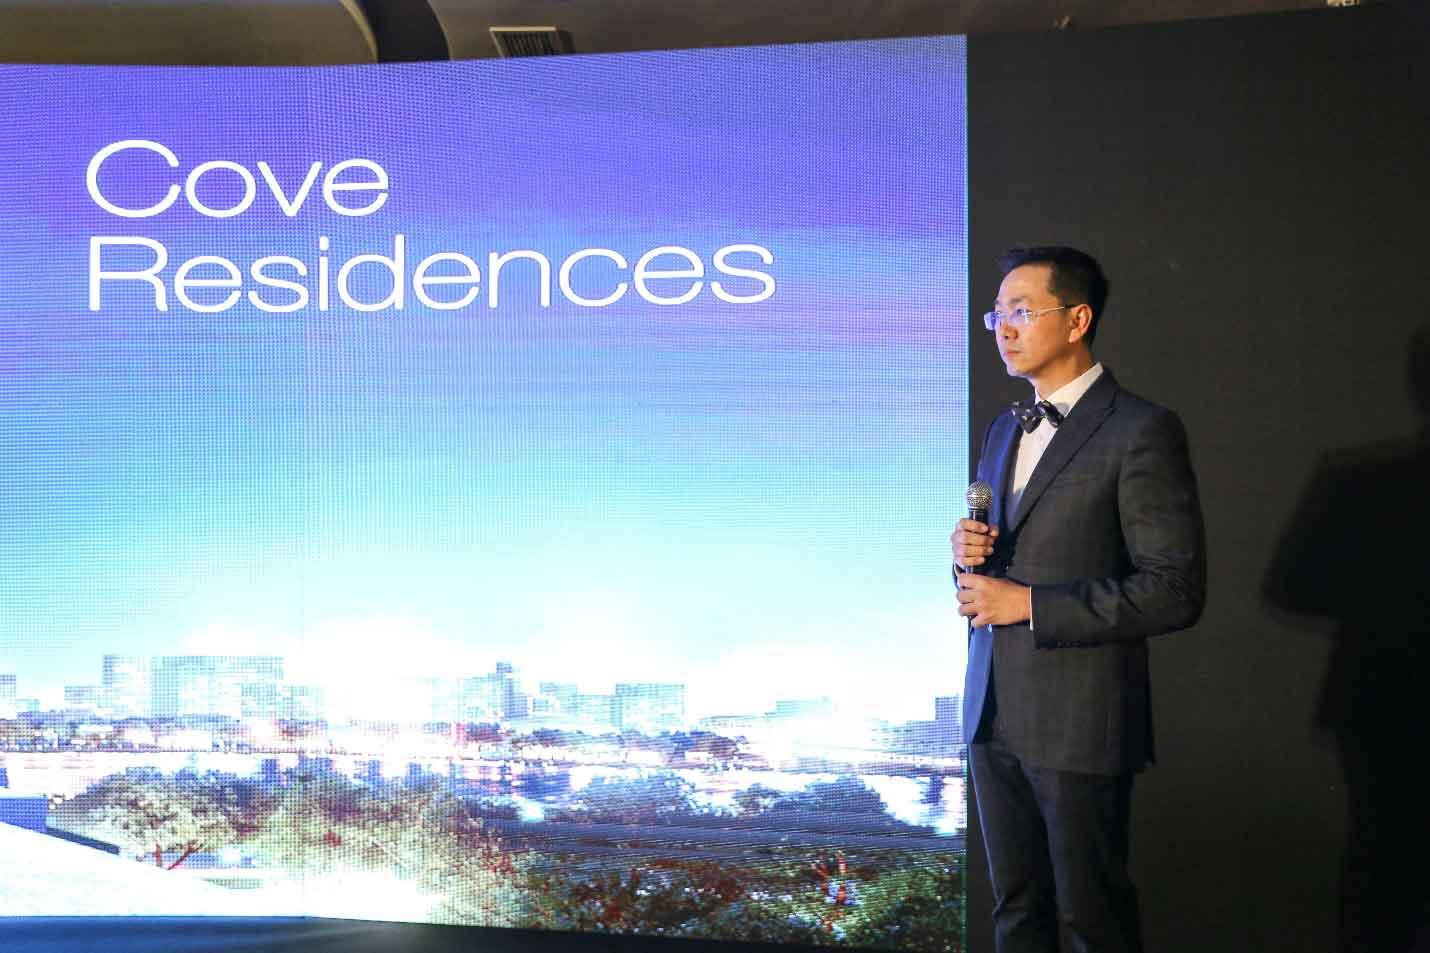 Empire City sự kiện giới thiệu thiết kế kiến trúc và căn hộ mẫu của Cove Residences